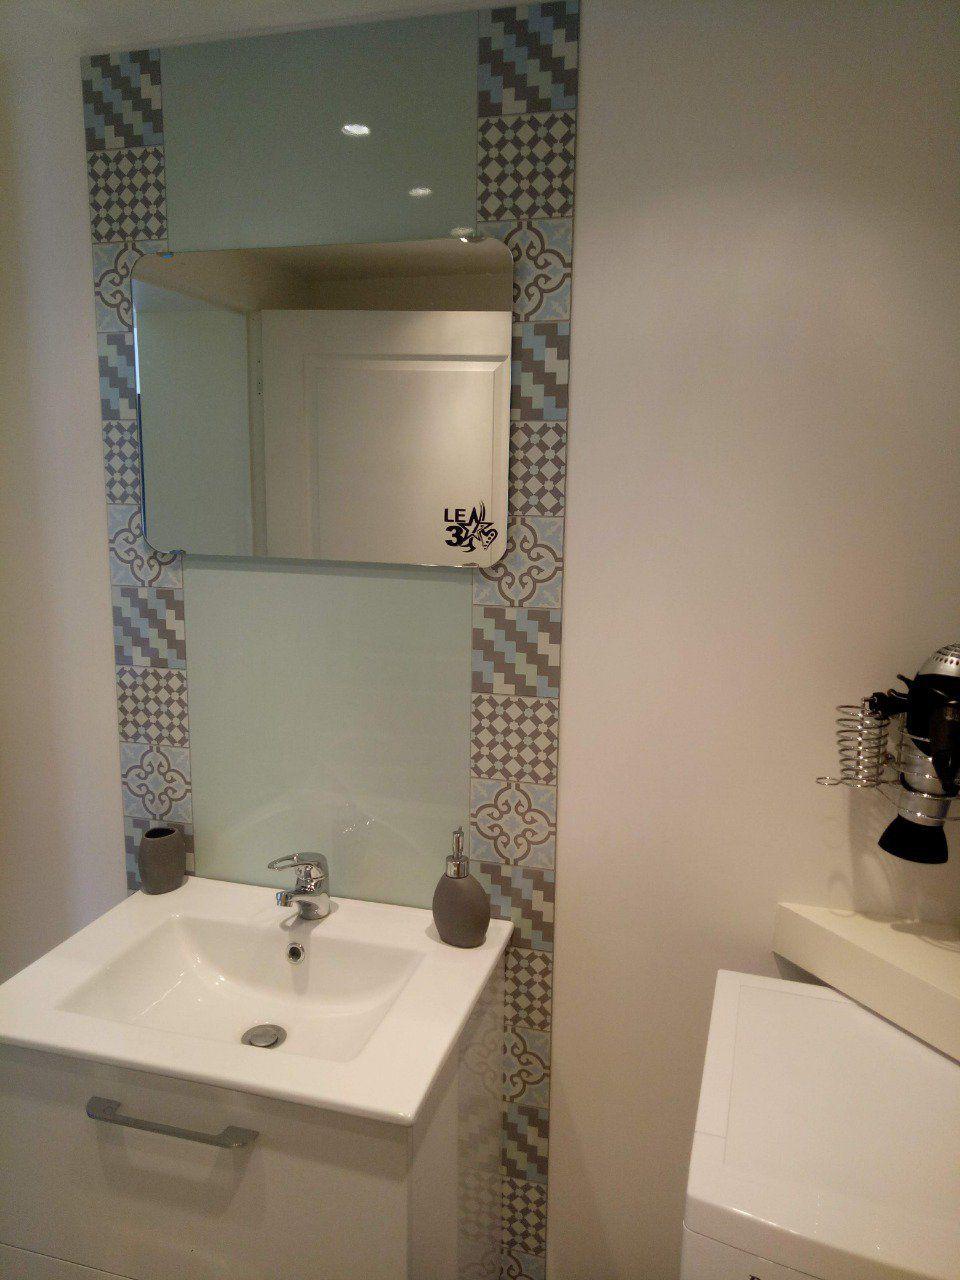 cr dence de cuisine d corative carreaux de ciment belle epoque. Black Bedroom Furniture Sets. Home Design Ideas